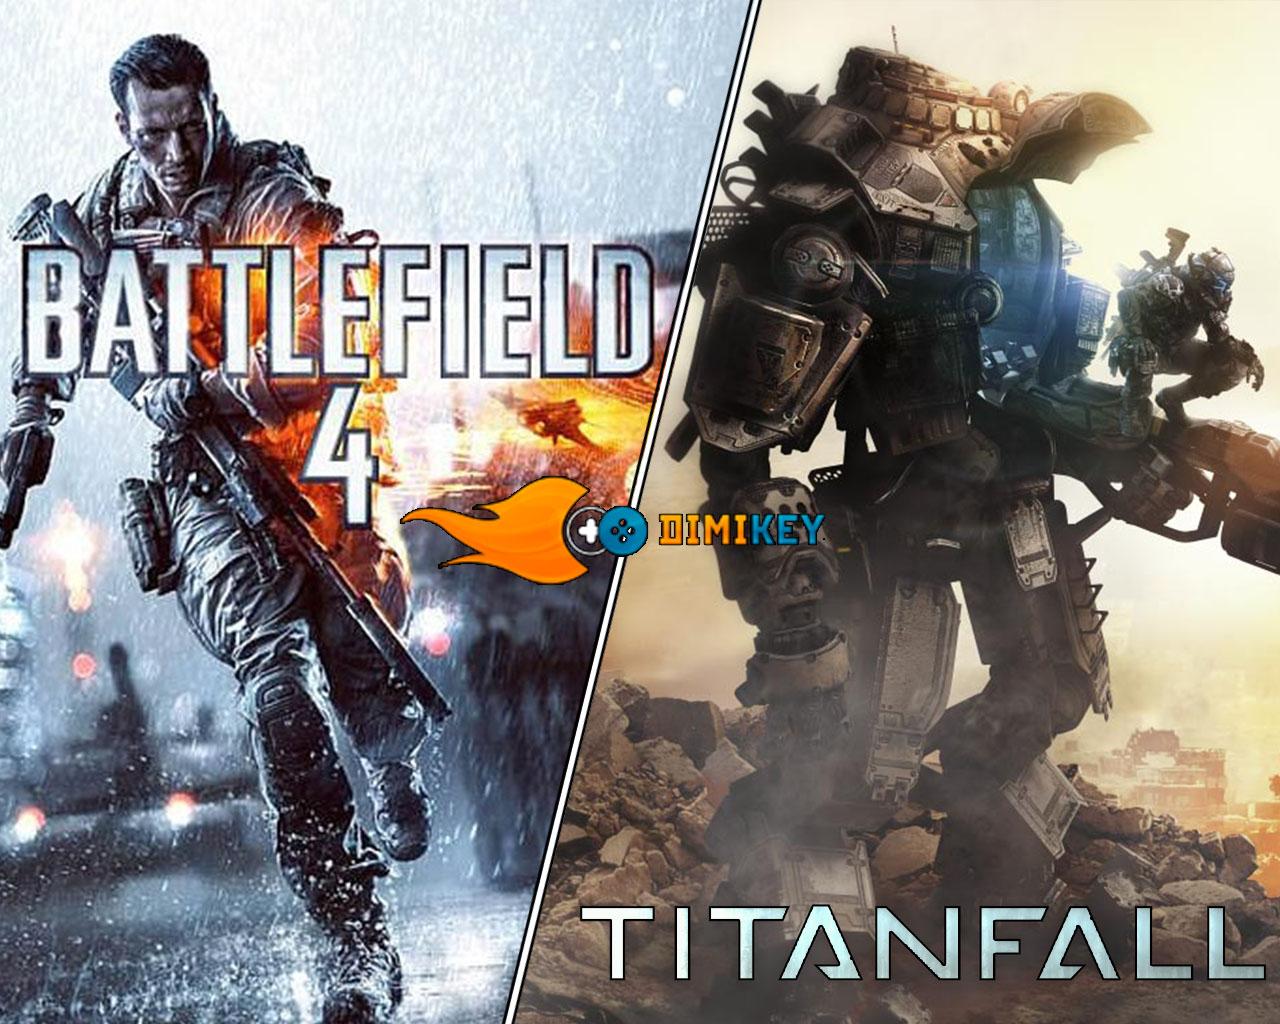 Купить Titanfall + Battlefield 4 + почта [ORIGIN] + подарок